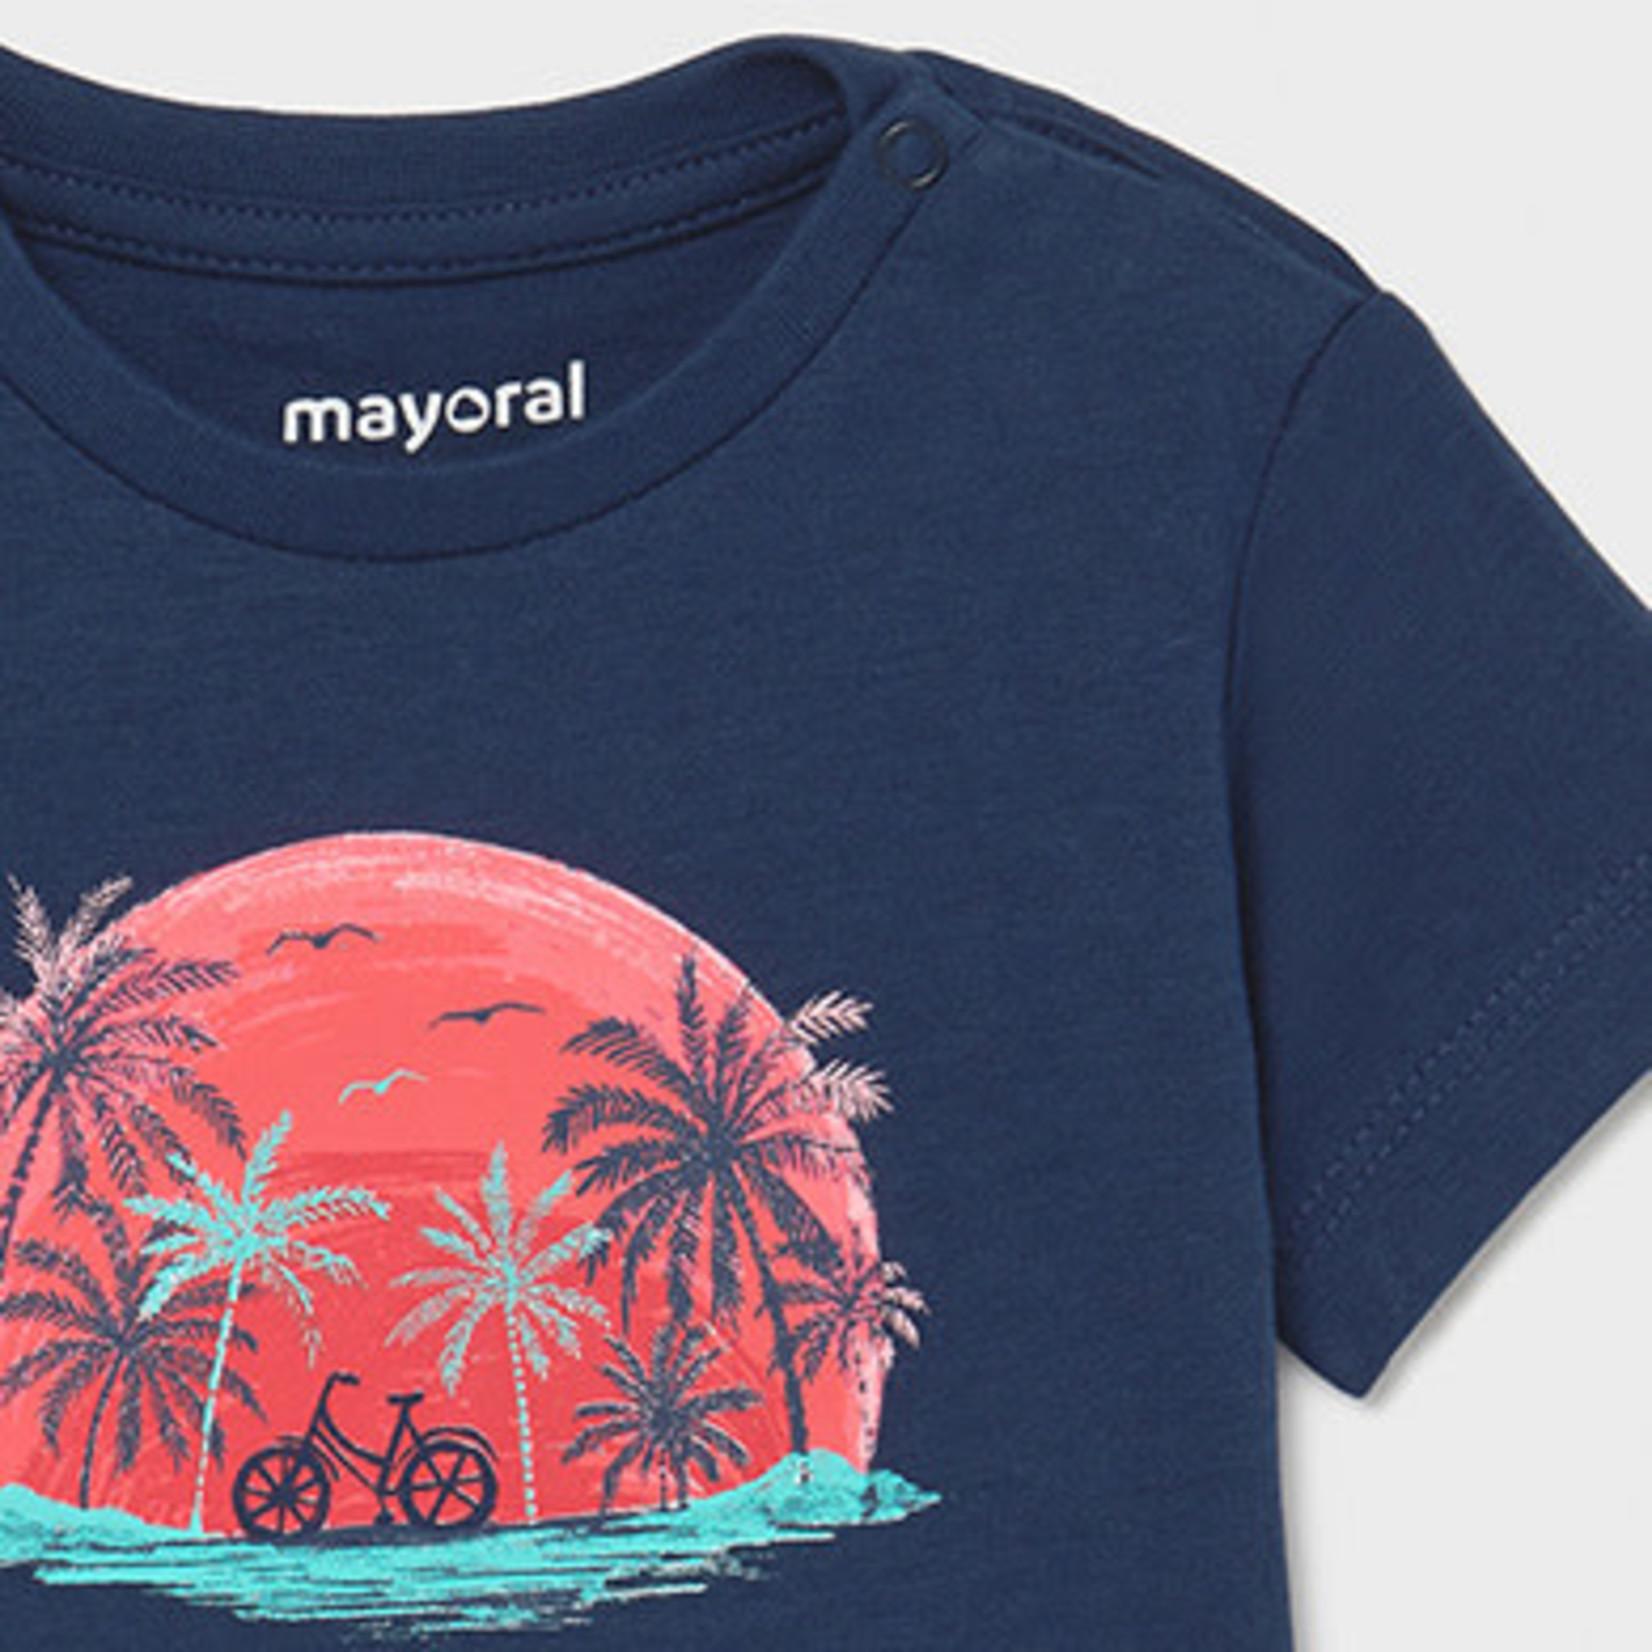 Mayoral 2pc set t-shirts       Aqua